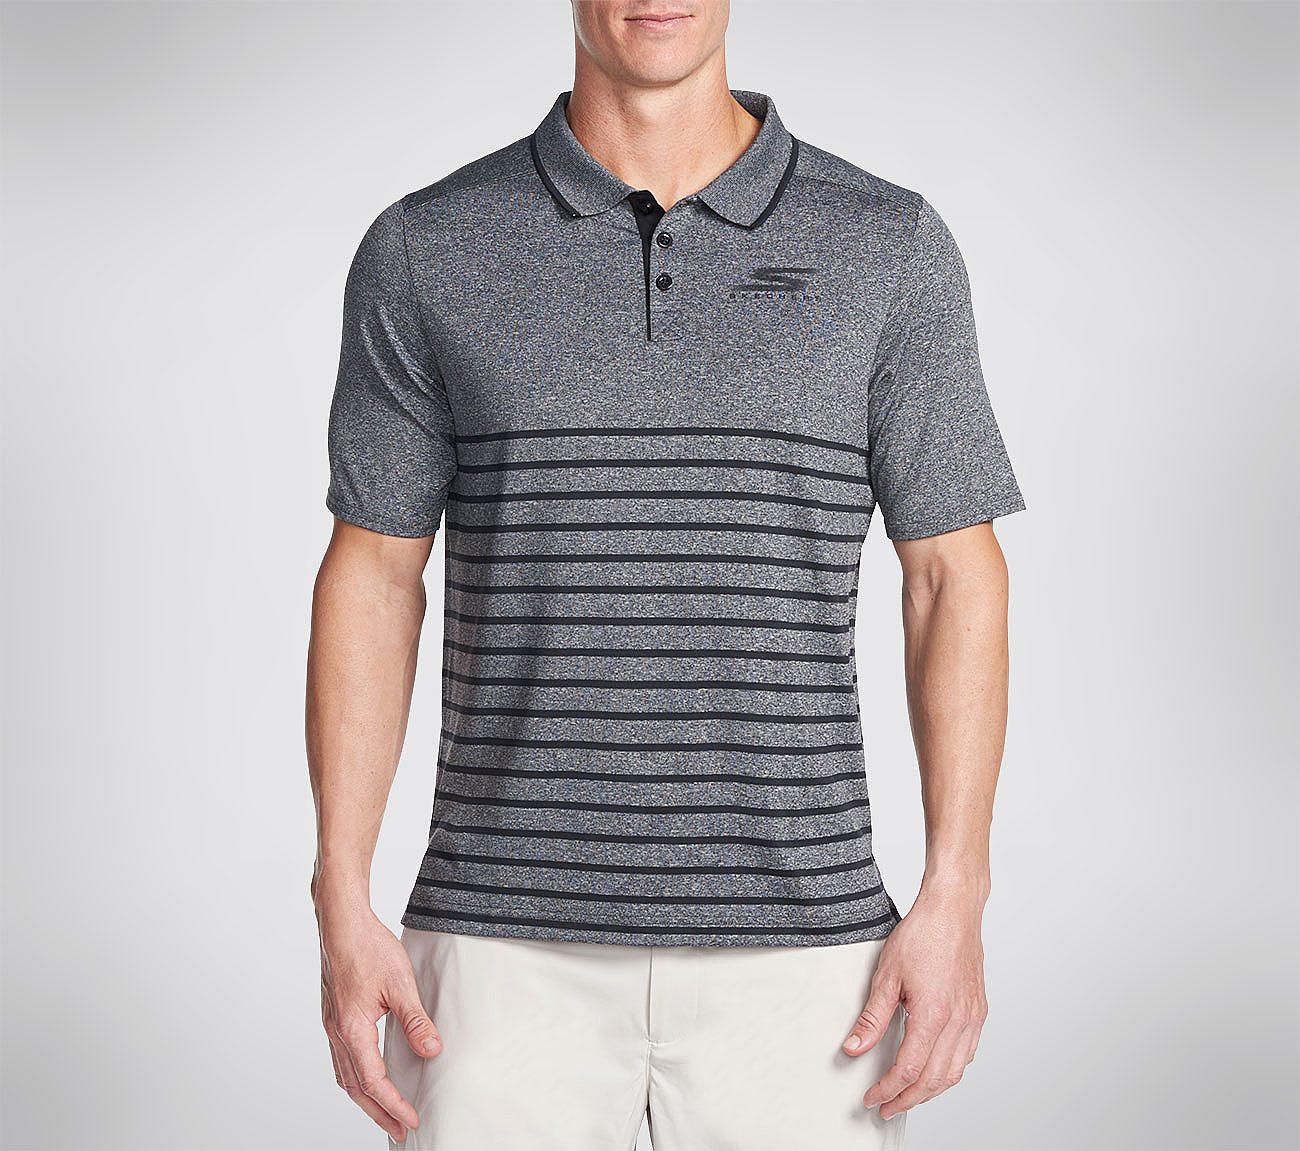 Buy Skechers Skechers Go Golf Eagle Polo Shirt Skechers Go Golf